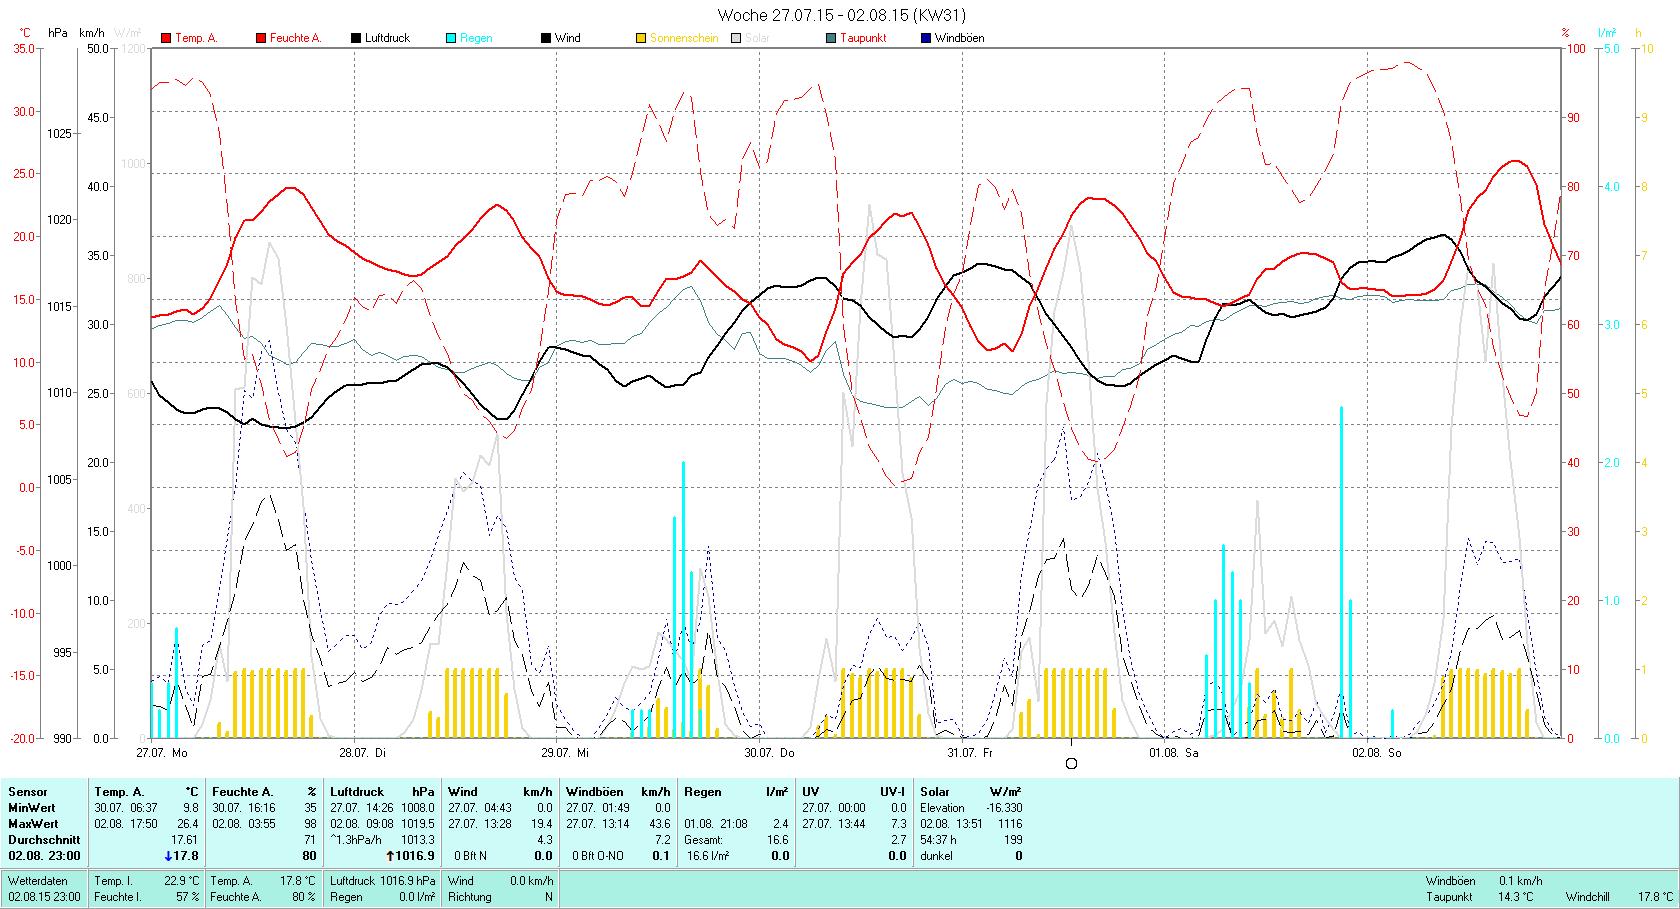 KW 31 Tmin 9.8°C, Tmax 26.4°C, Sonne 54.37h, Niederschlag 16.6mm/2